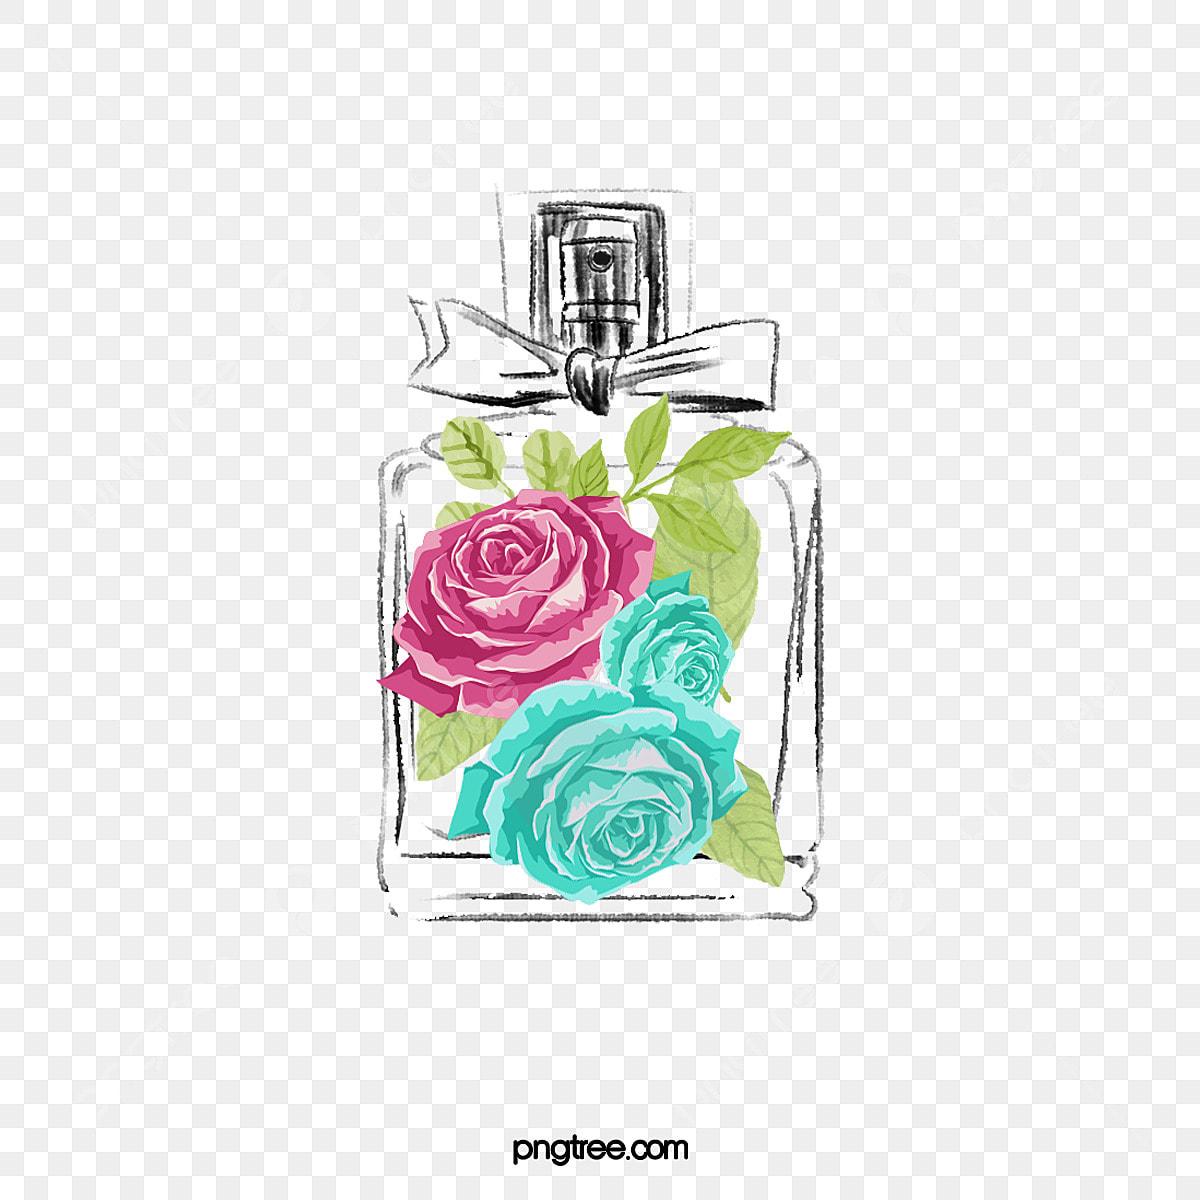 シャネル香水 アイデア香水 ピンクの花の香水 シャネル画像とpsd